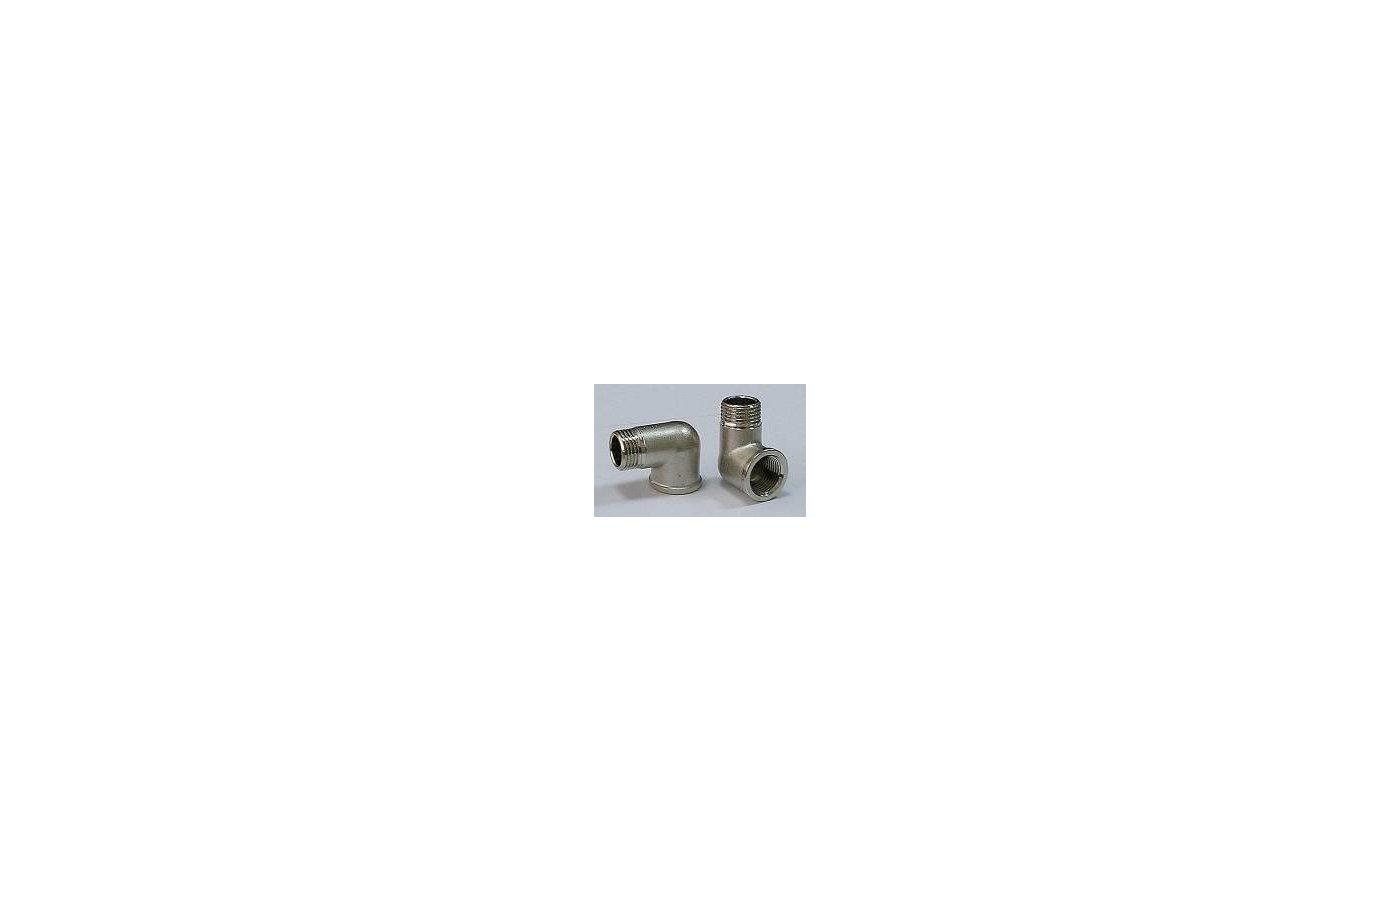 Аксессуары для подключения стиральных машин UDI Уголок 1/2 г/ш ник.